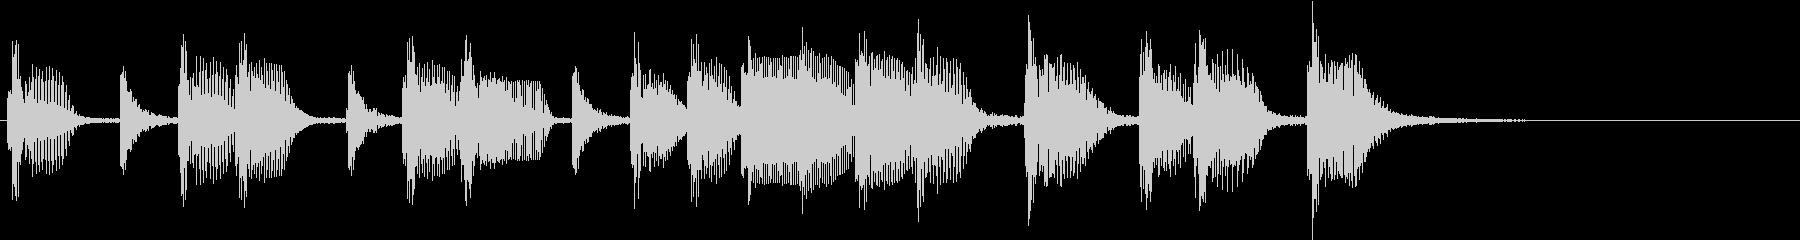 2小節ジングル06 オールディーズ2の未再生の波形